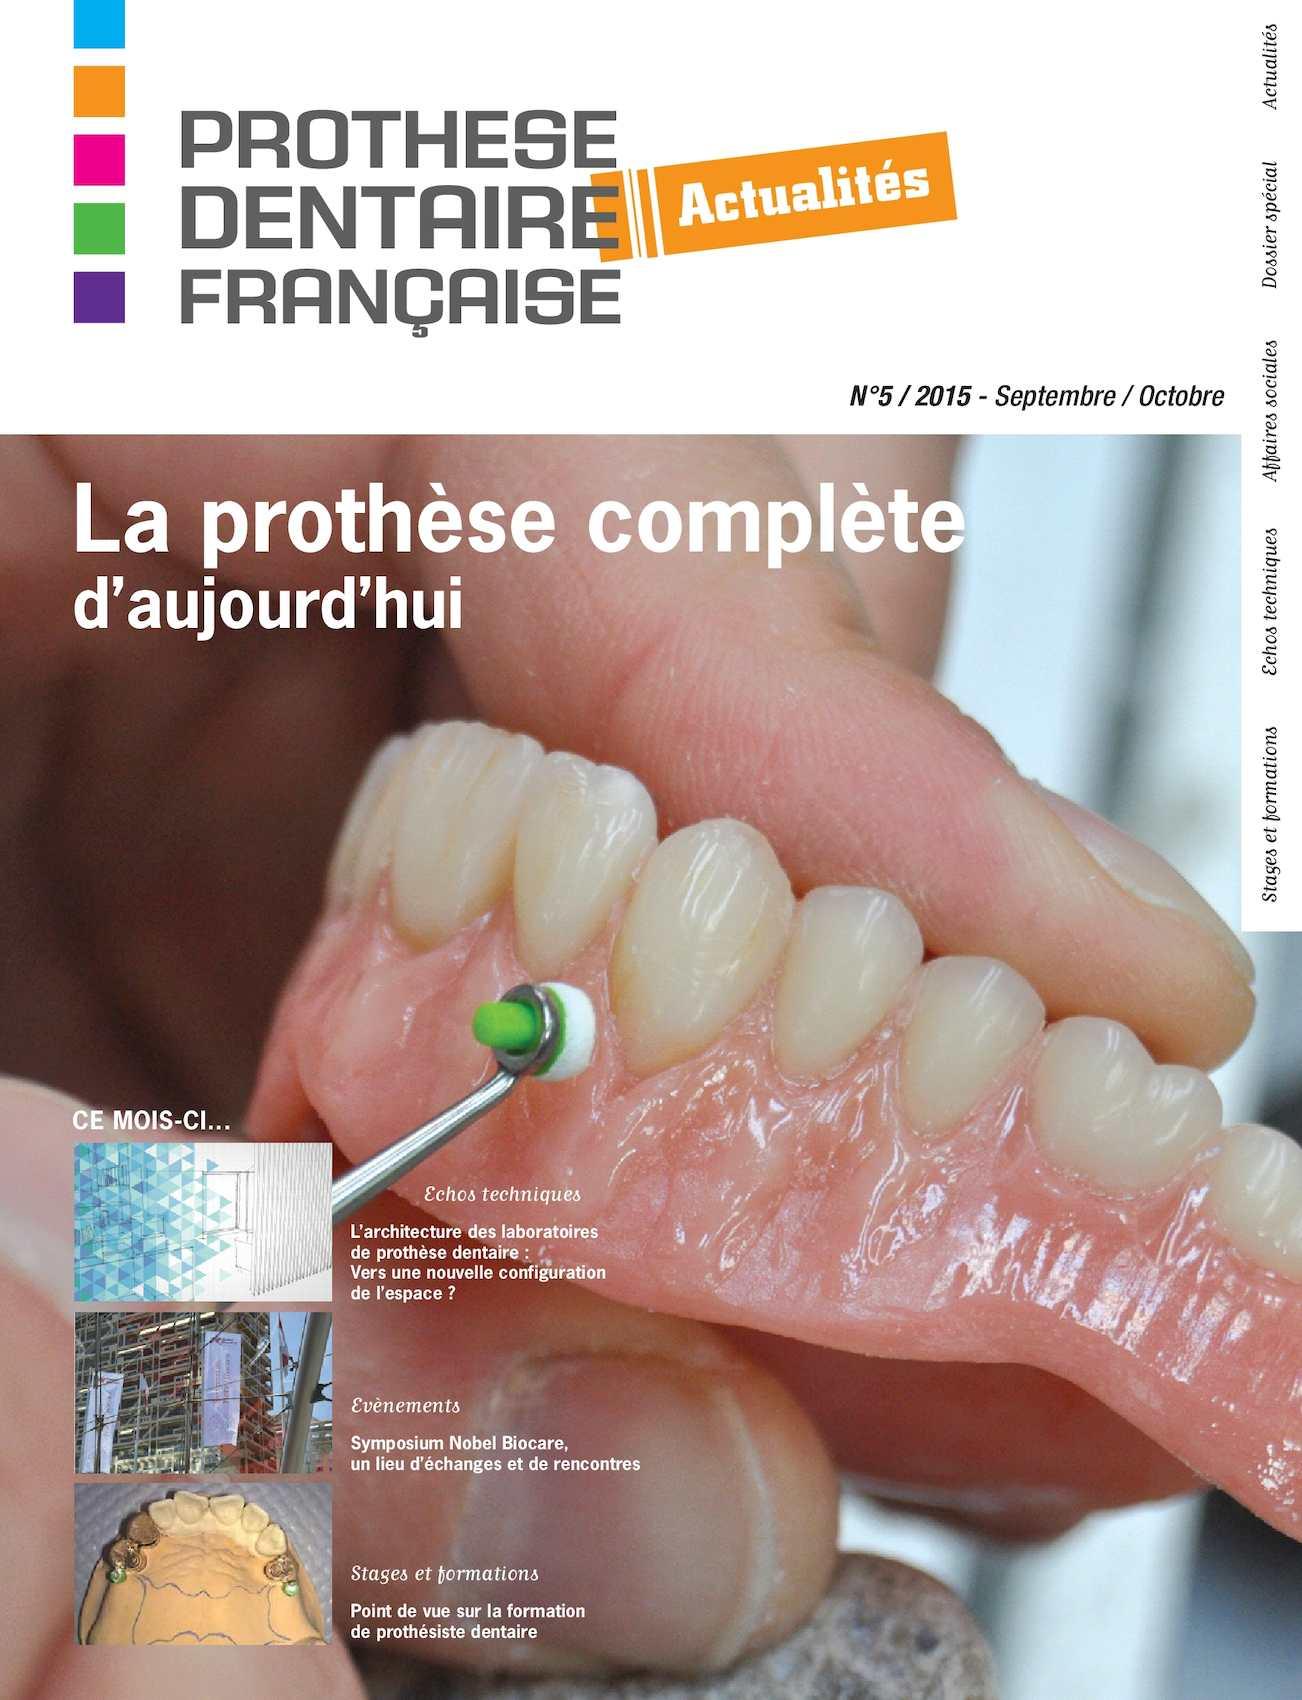 revue francaise des prothesistes dentaires Bağlantılar ana sayfa dernek revue francaise des maladies respiratoires rev fr mal respir: revue francaise des prothesistes dentaires rev fr prothes dent.